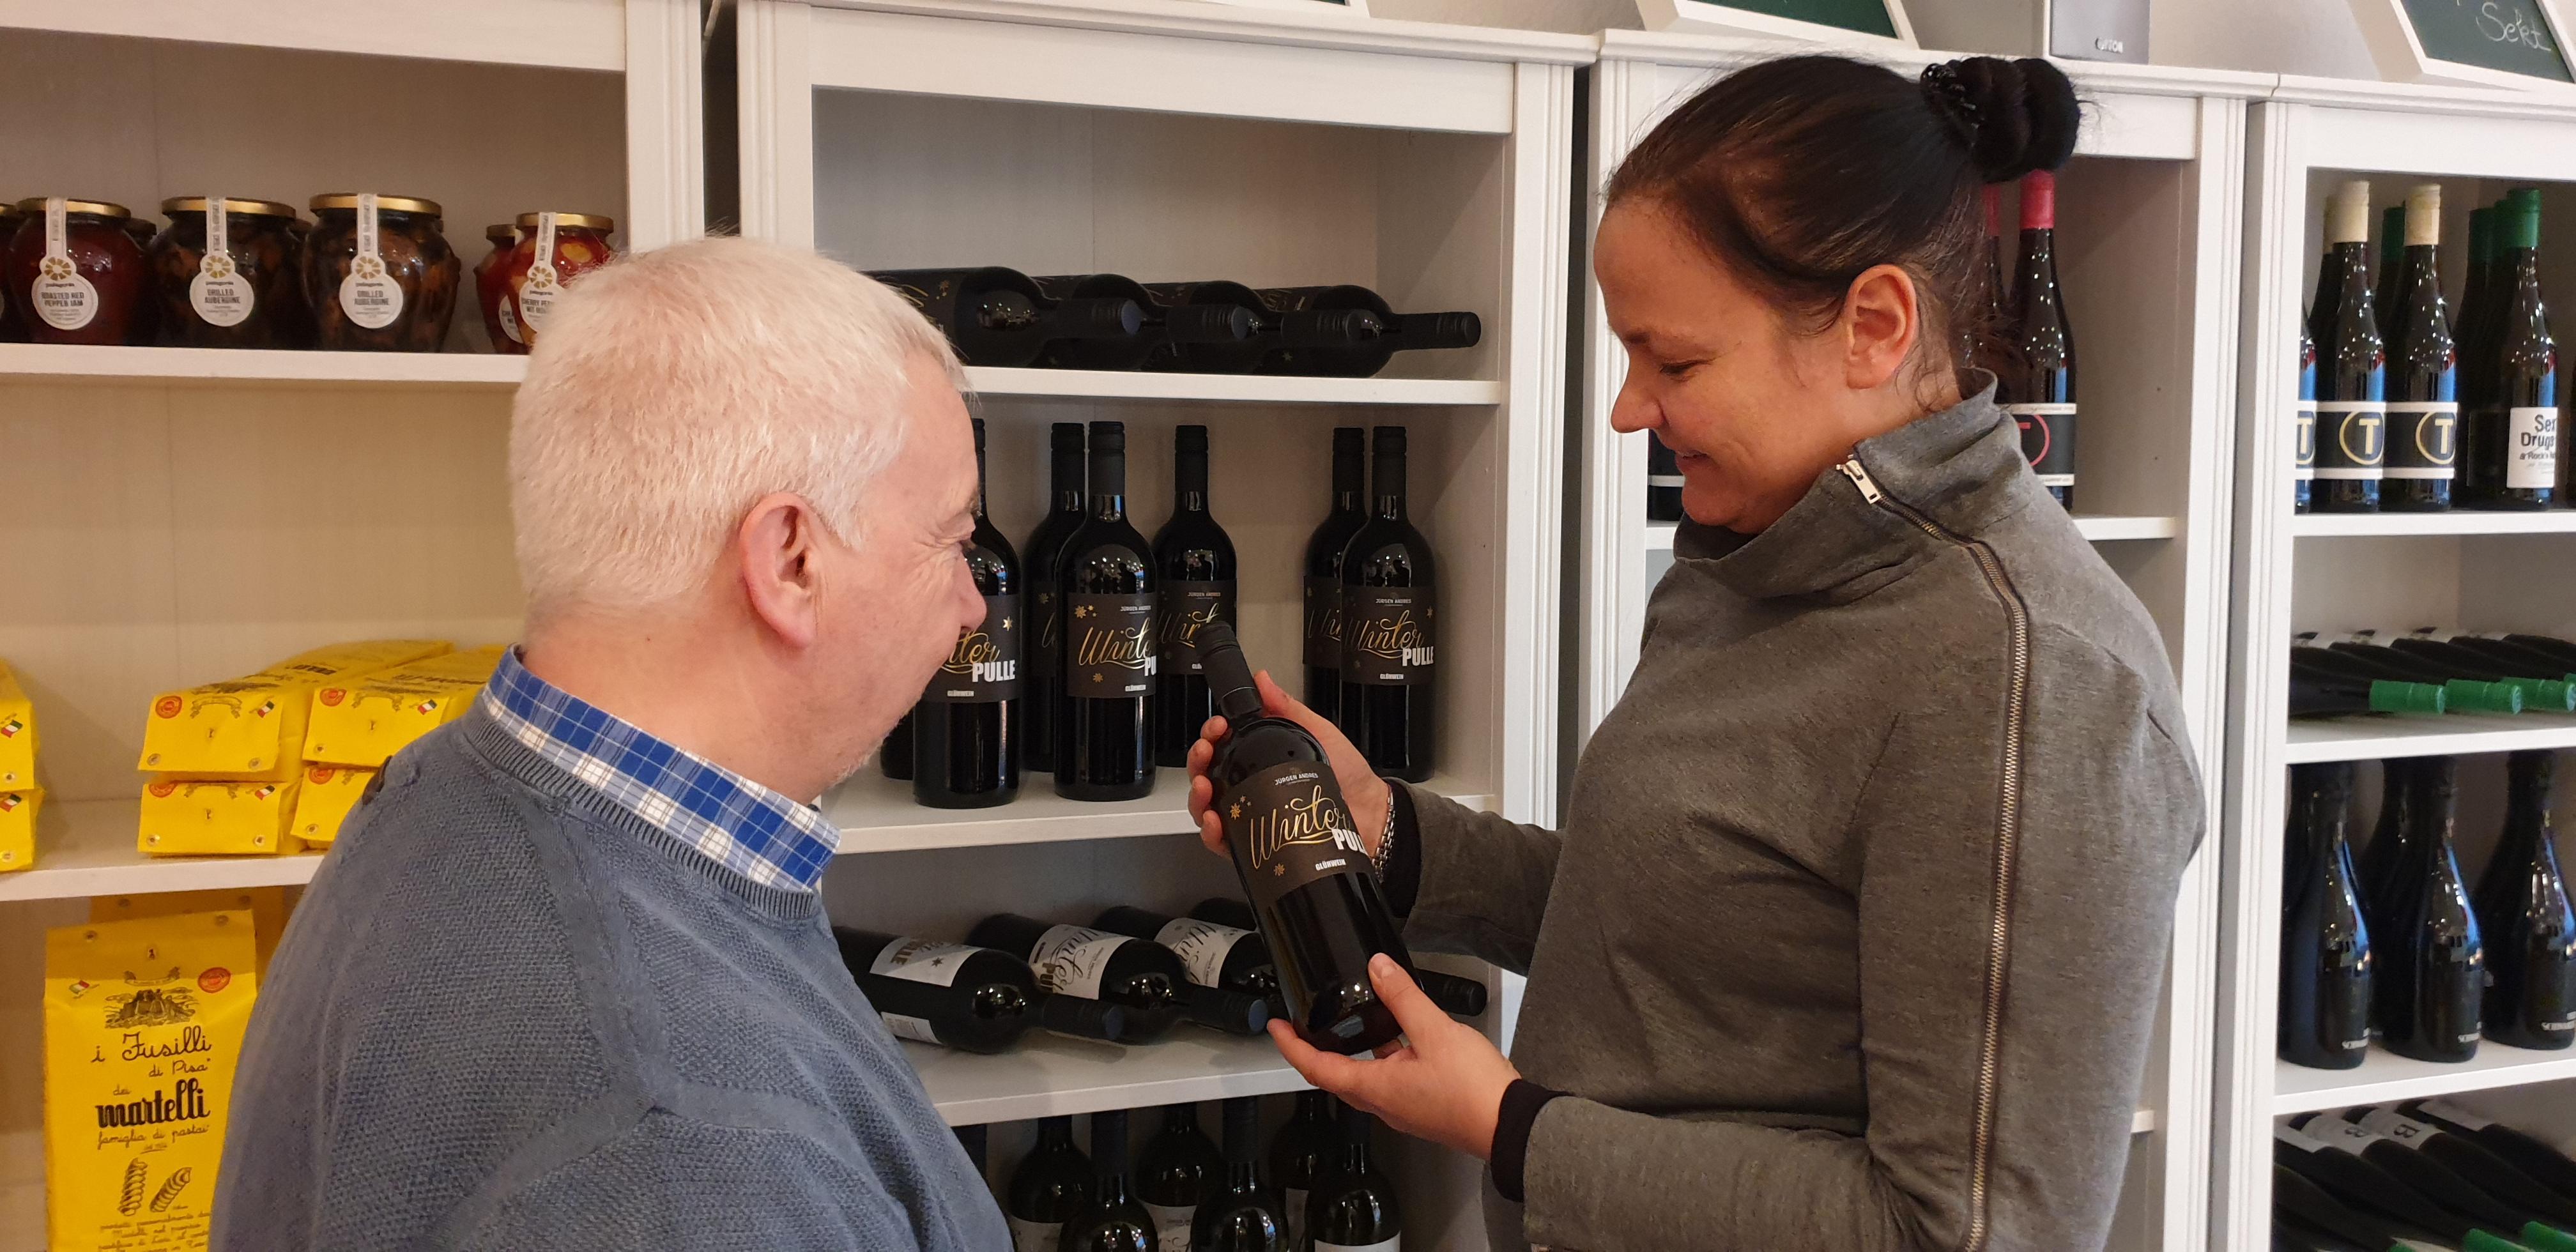 Herzliche Anekdoten bei der Weinempfehlung: Danny Winter und Jugendreferent Rolf Haumann. Foto: Sascha von Gerishem